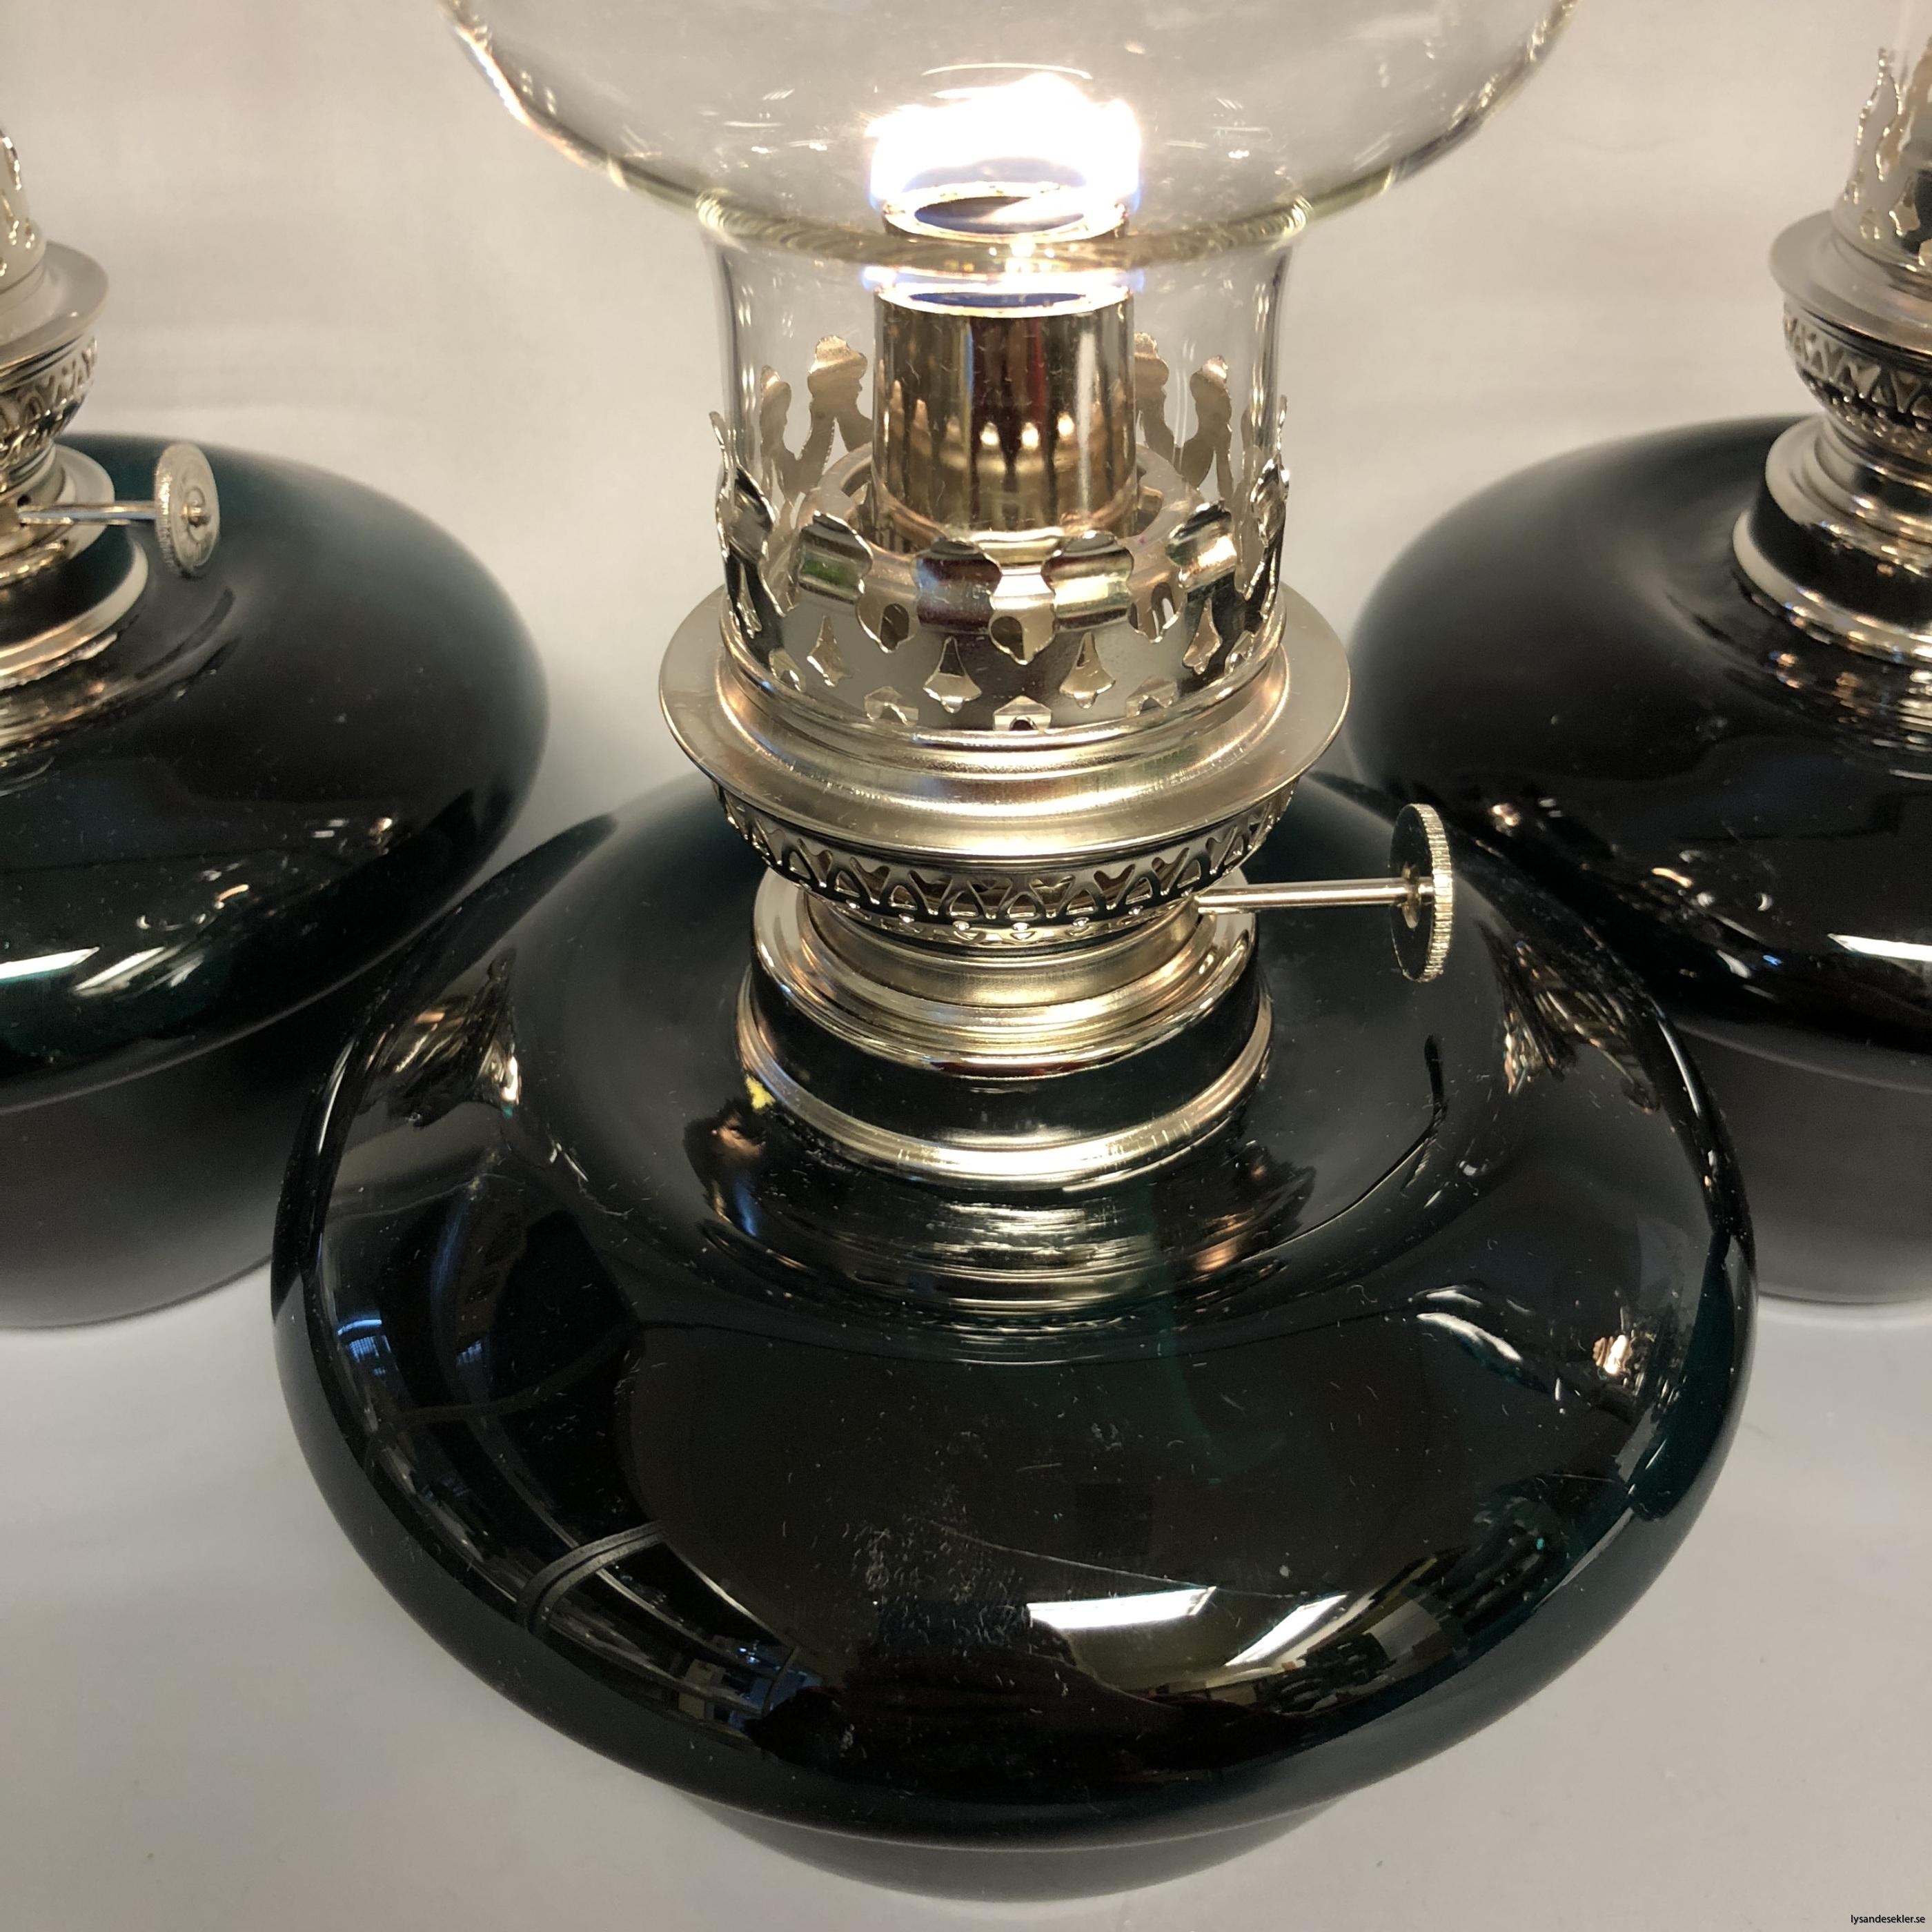 fotogenlampa fotogenlampor oljelampa oljelampor renoverad antik antikvitet36